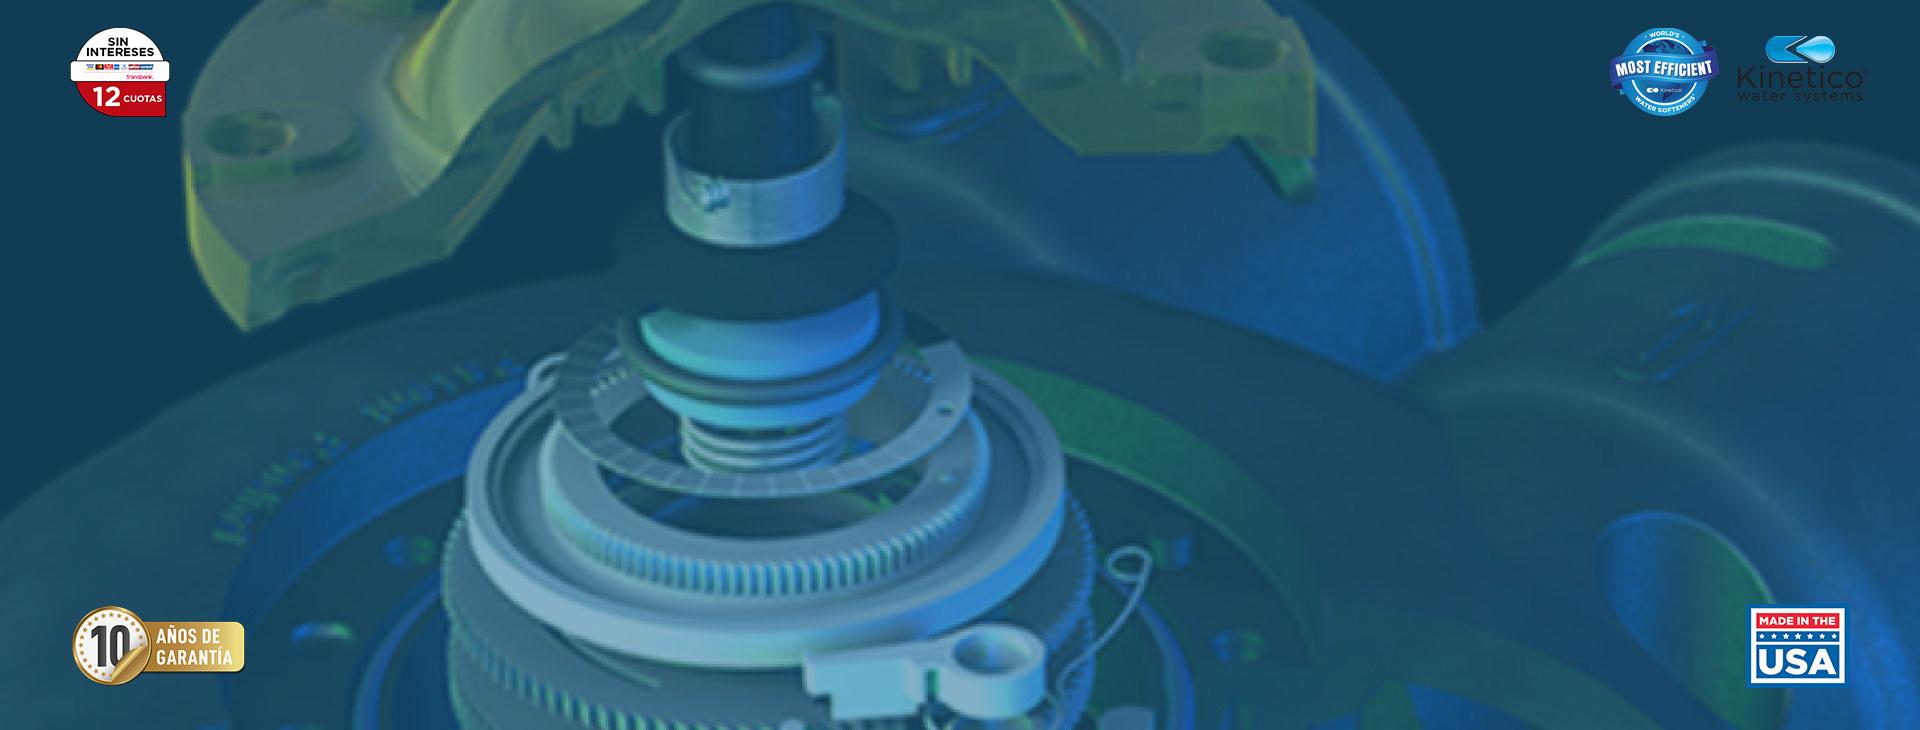 Kinetico smart disk™ mide el uso de agua con precisión de relojería